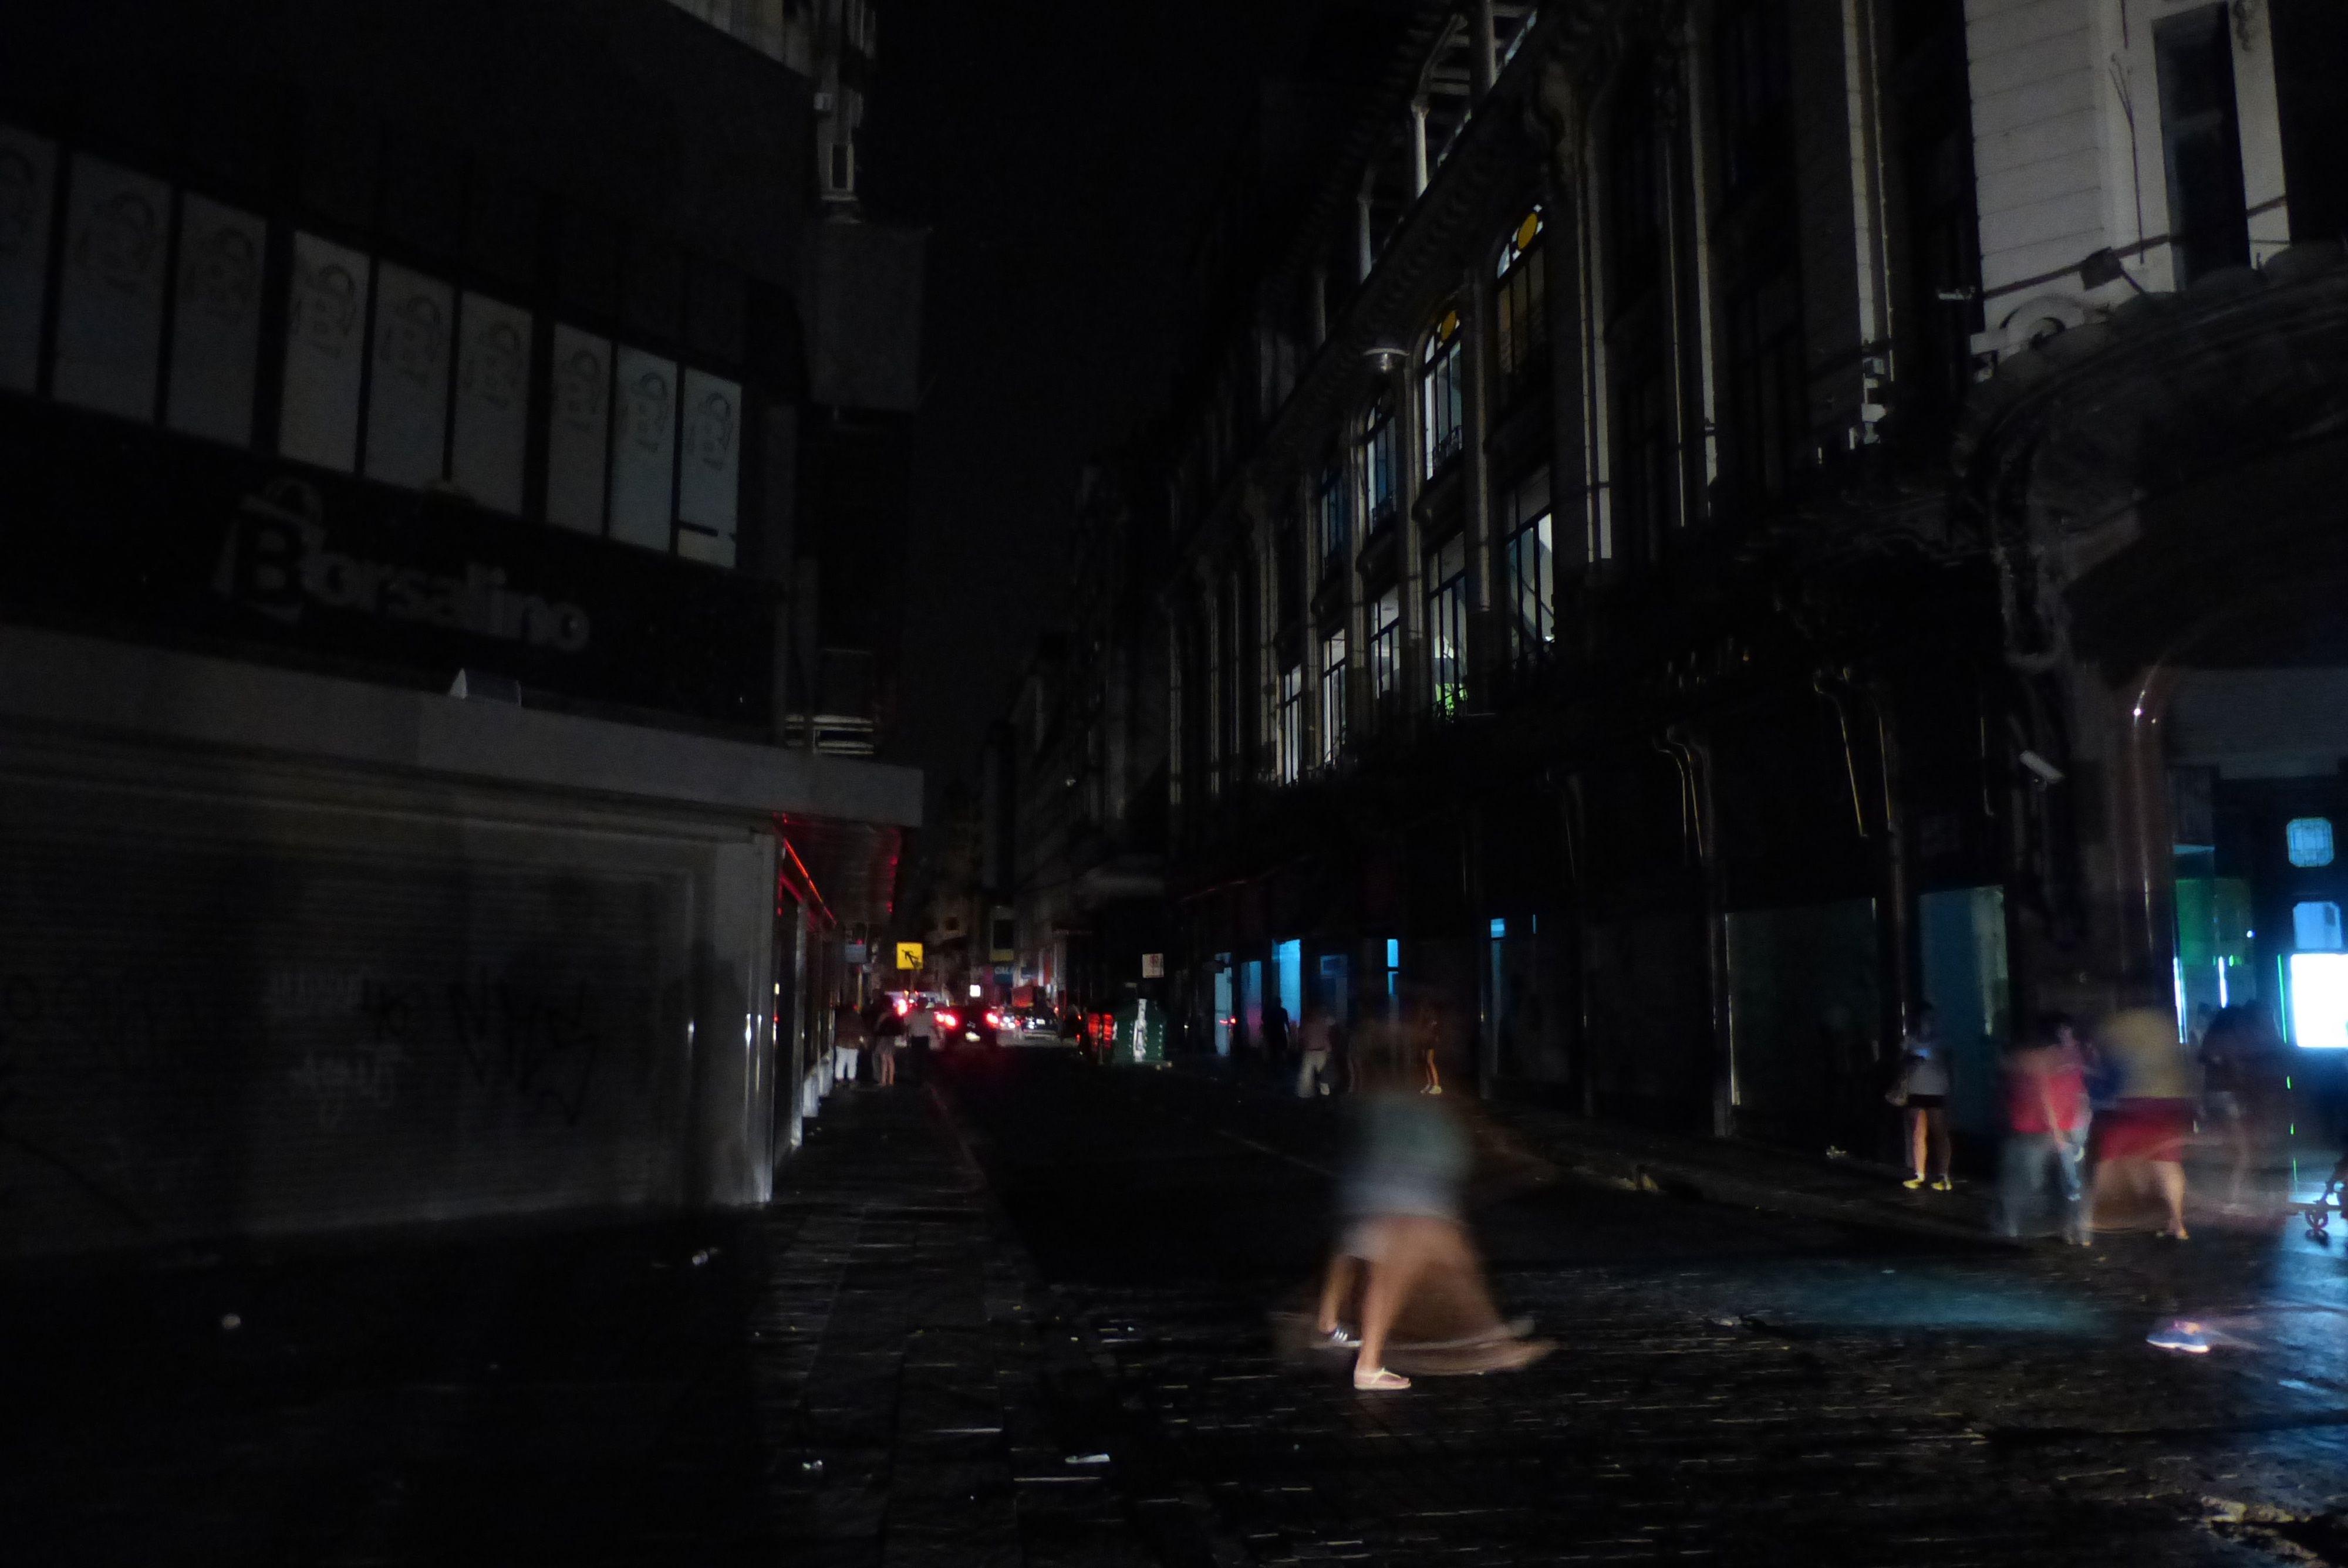 El centro y gran parte de la ciudad se vio afectado por el corte de luz de esta noche. (Foto: Angel Amaya)